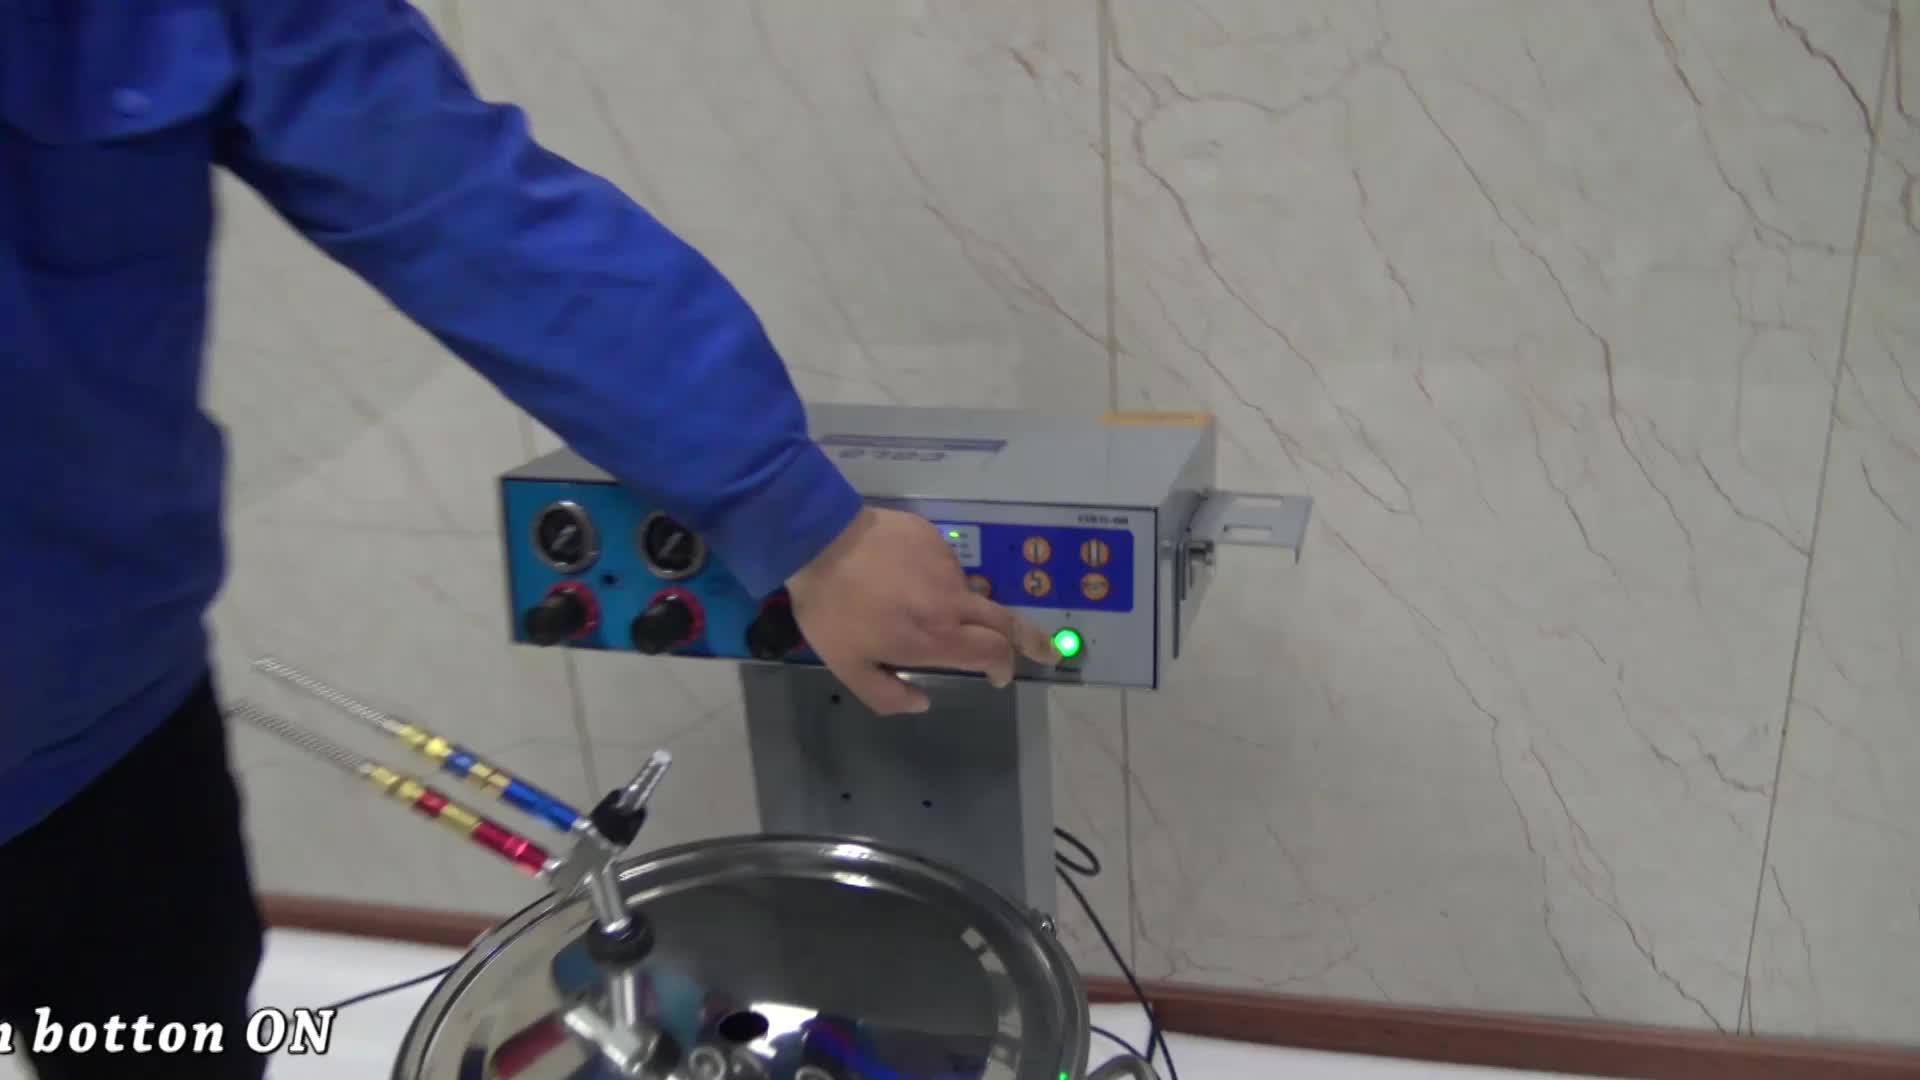 נייד אבקת ציפוי מערכת אלקטרוסטטי אבקת ציפוי ספריי מכונה